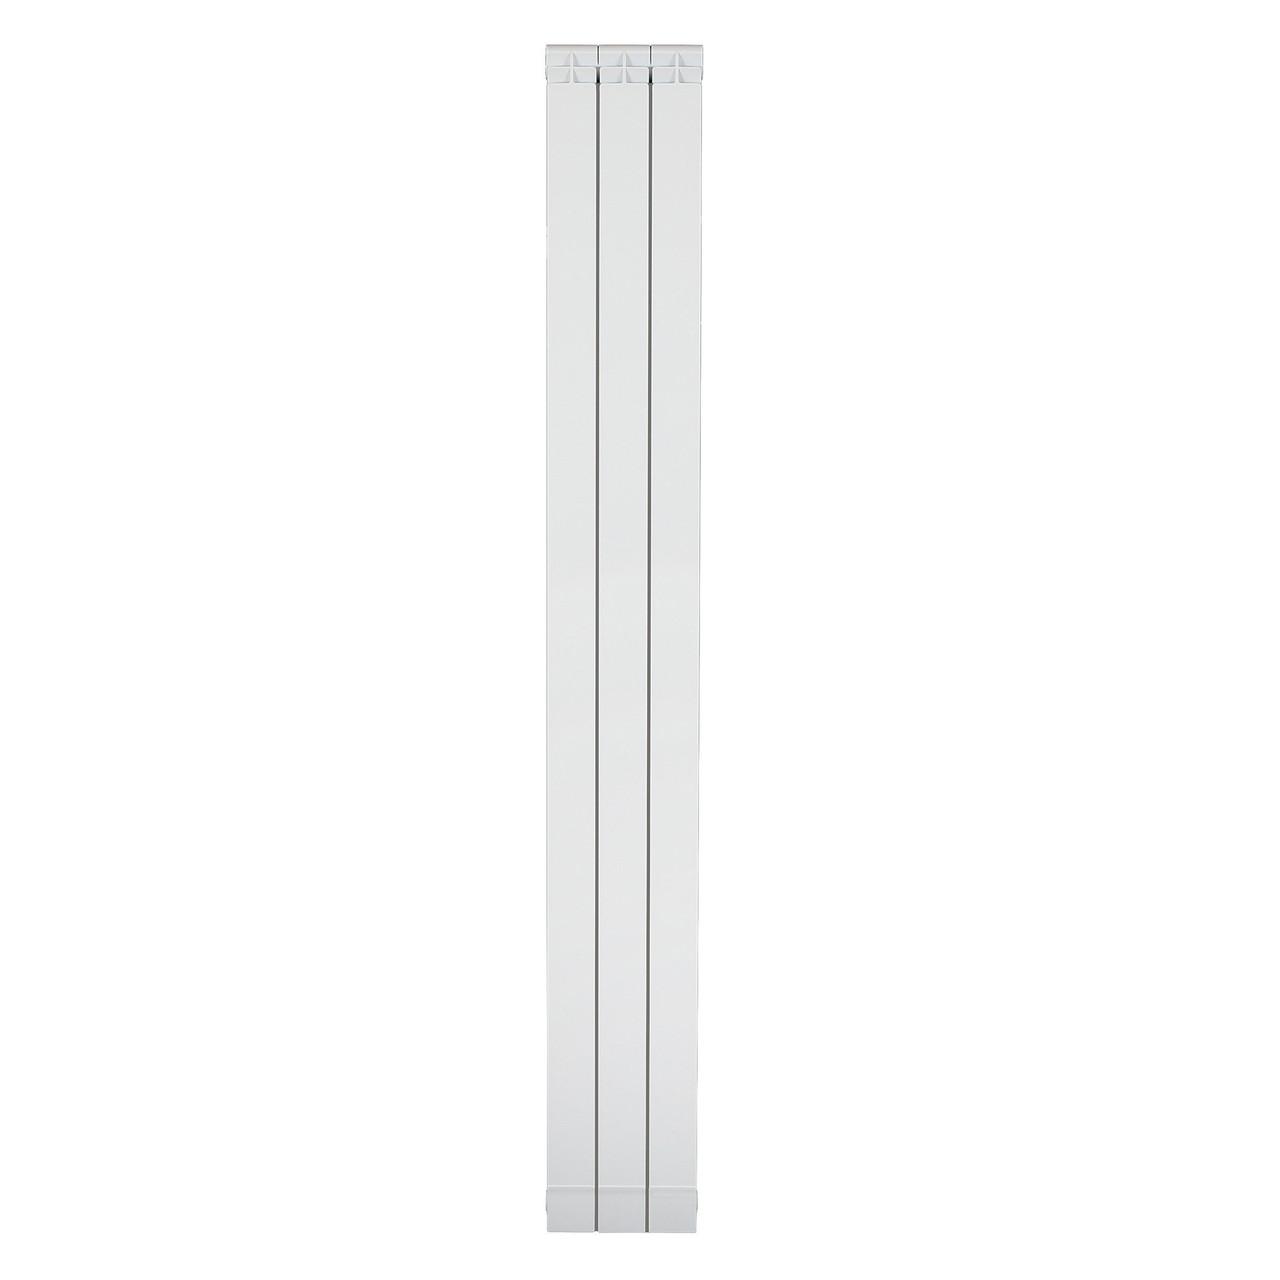 Радиатор алюминиевый Nova Florida MAIOR S/90 Aleternum® 1800мм - 3 секц